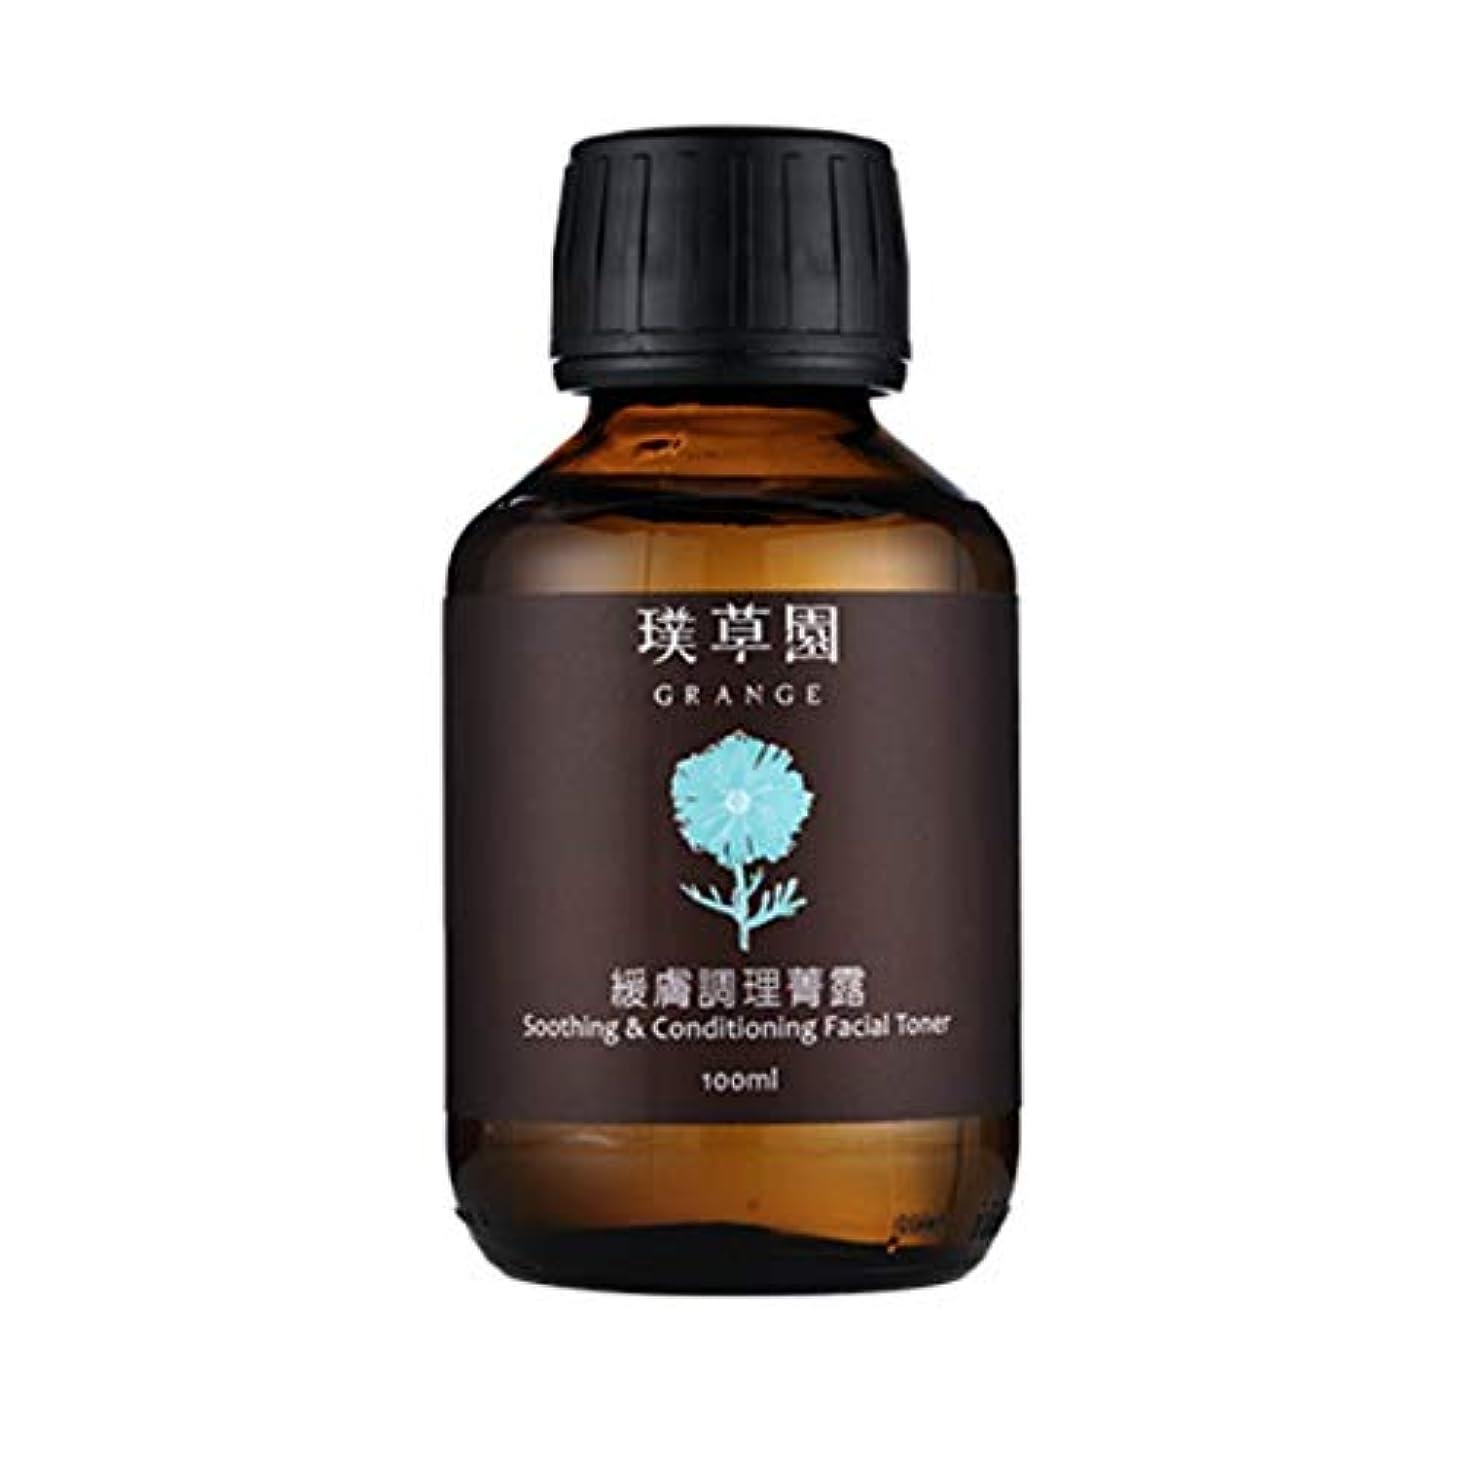 リマ理由耐久オーガニック 化粧水 GRANGE(グレンジ) スージング&コンディショニングフェイシャルトナー 100ml 「 無添加 高保湿 」